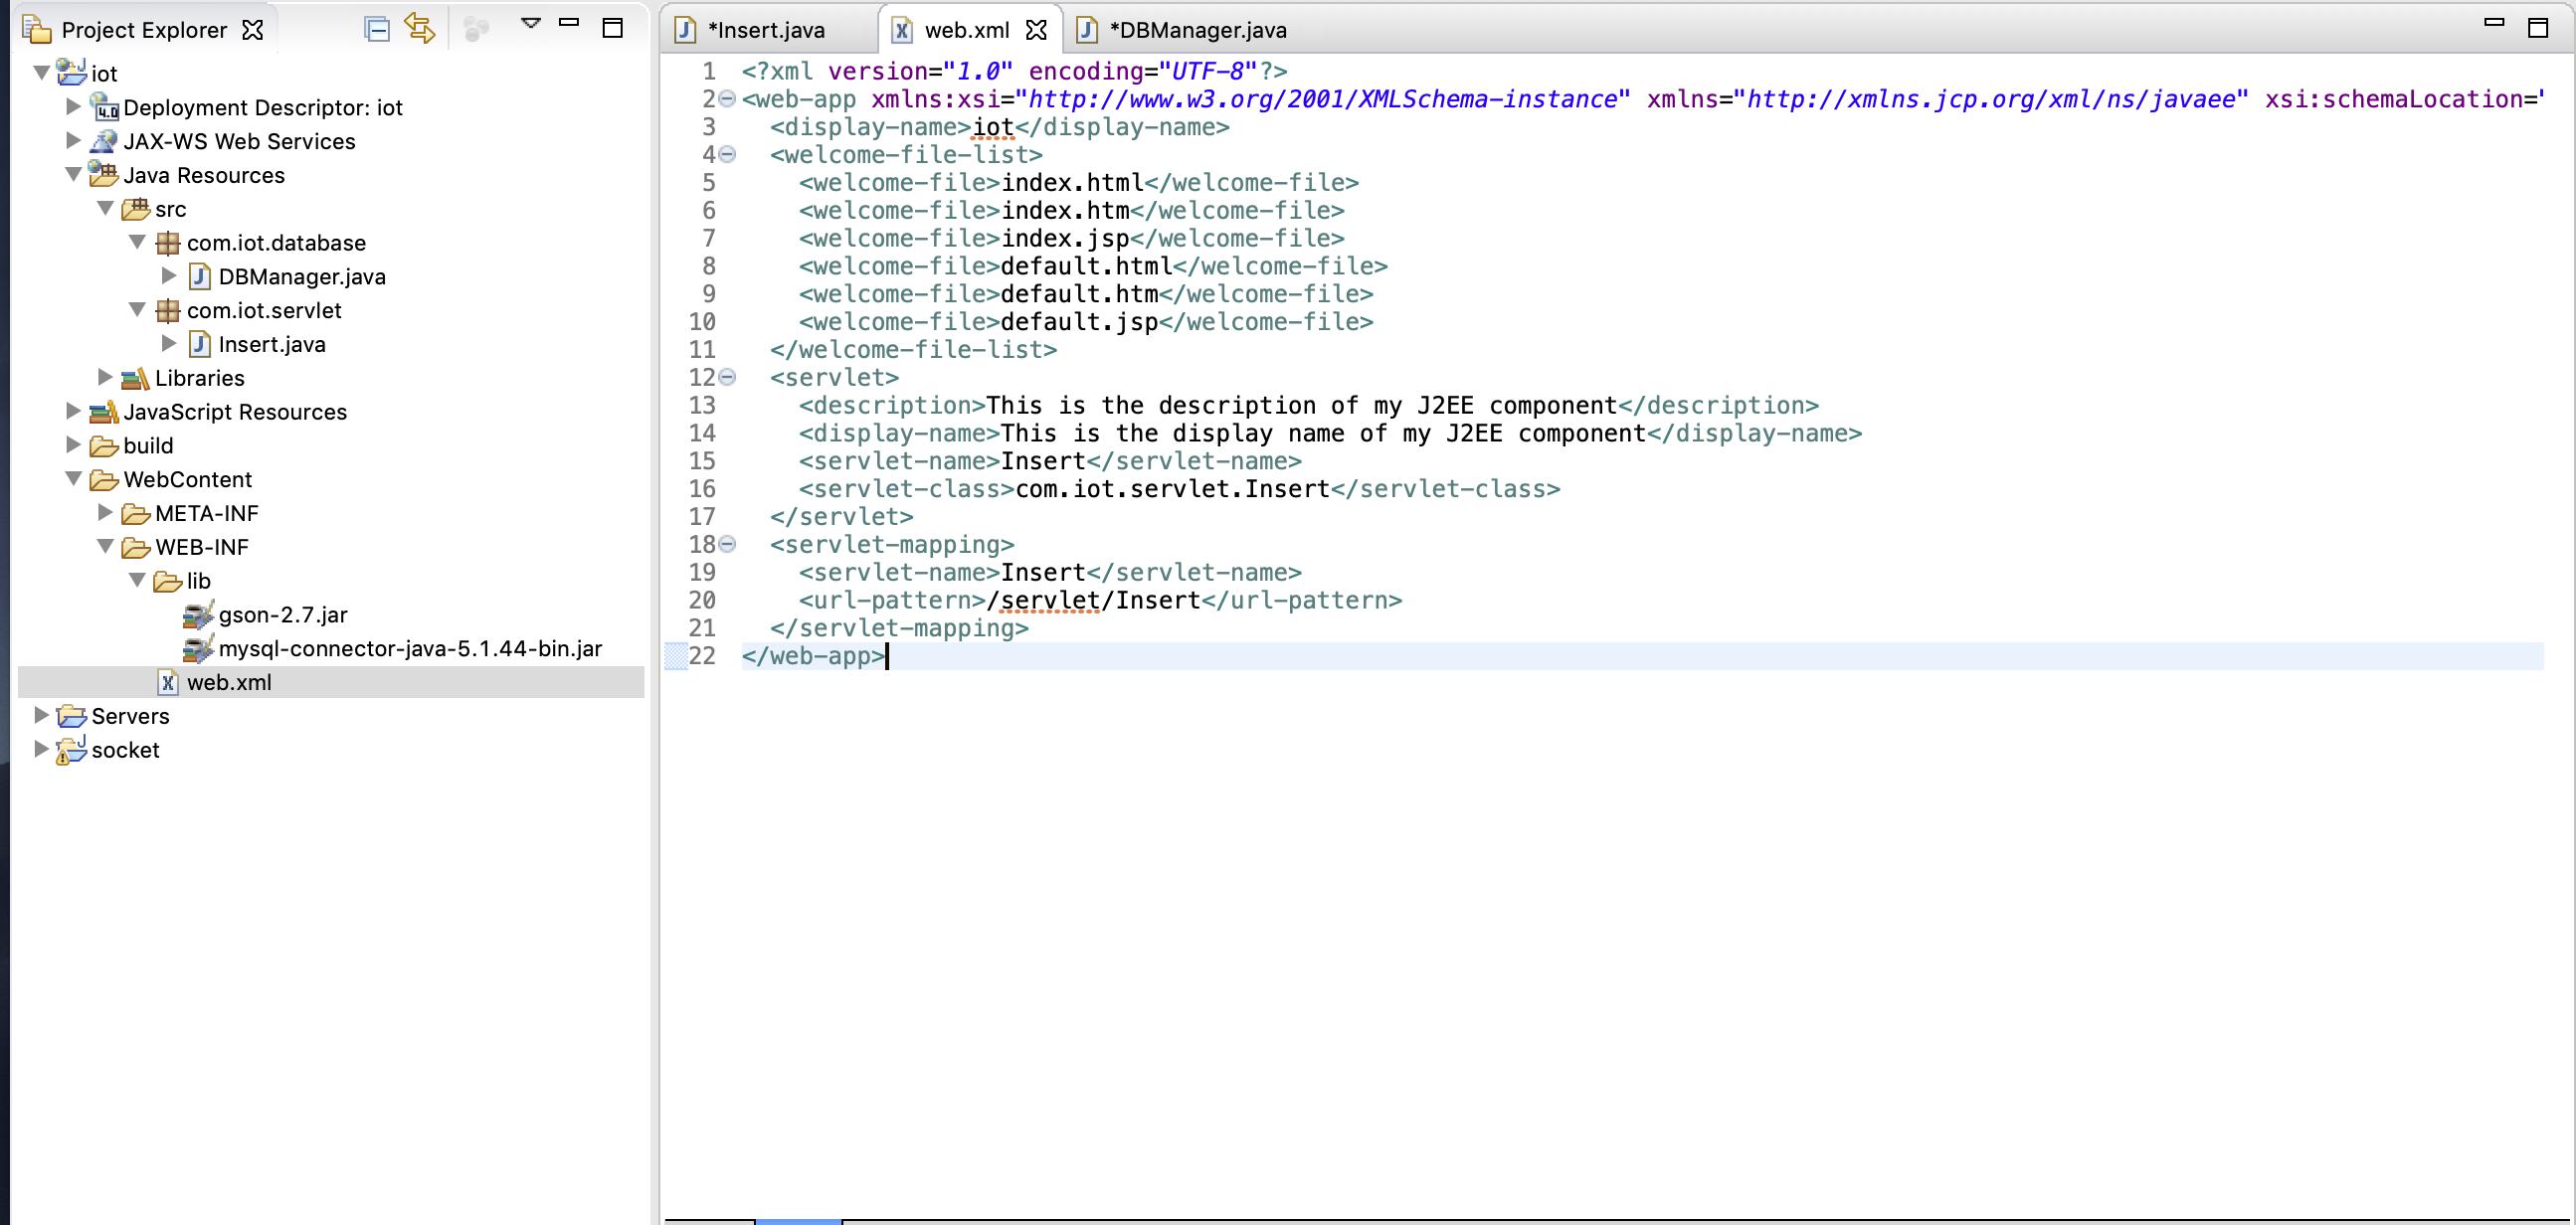 我的web.xml